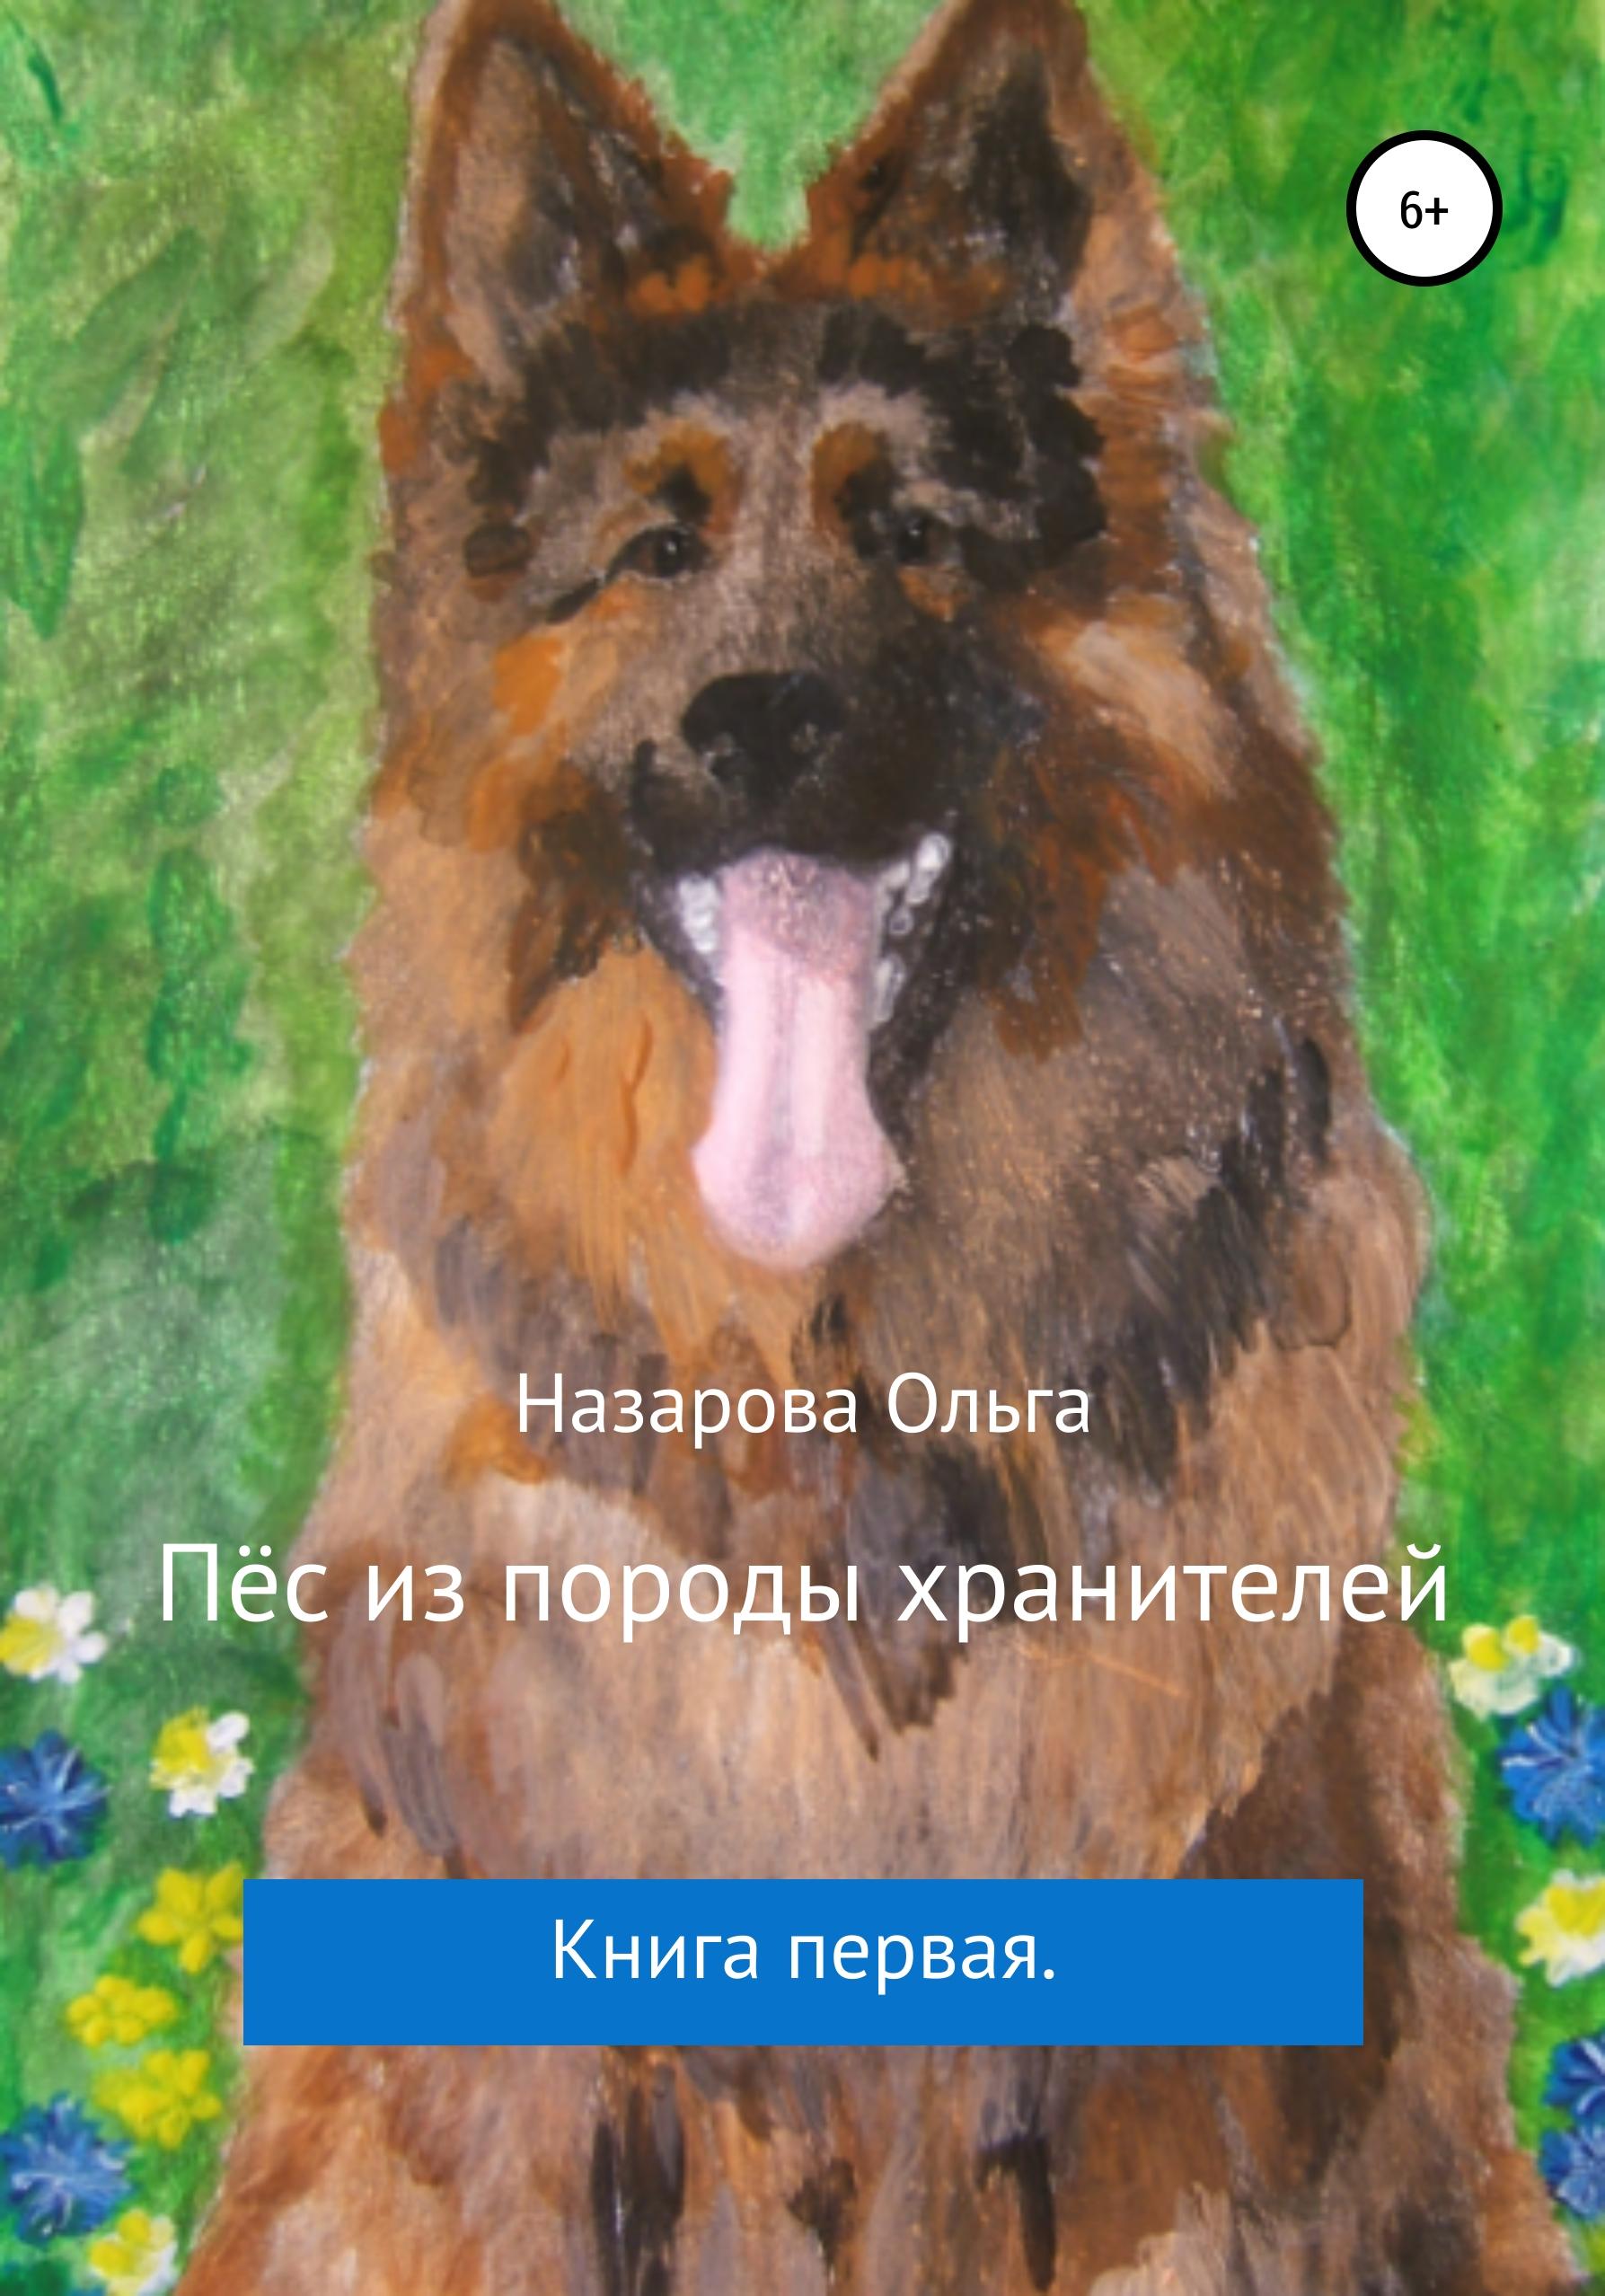 Пёс из породы хранителей